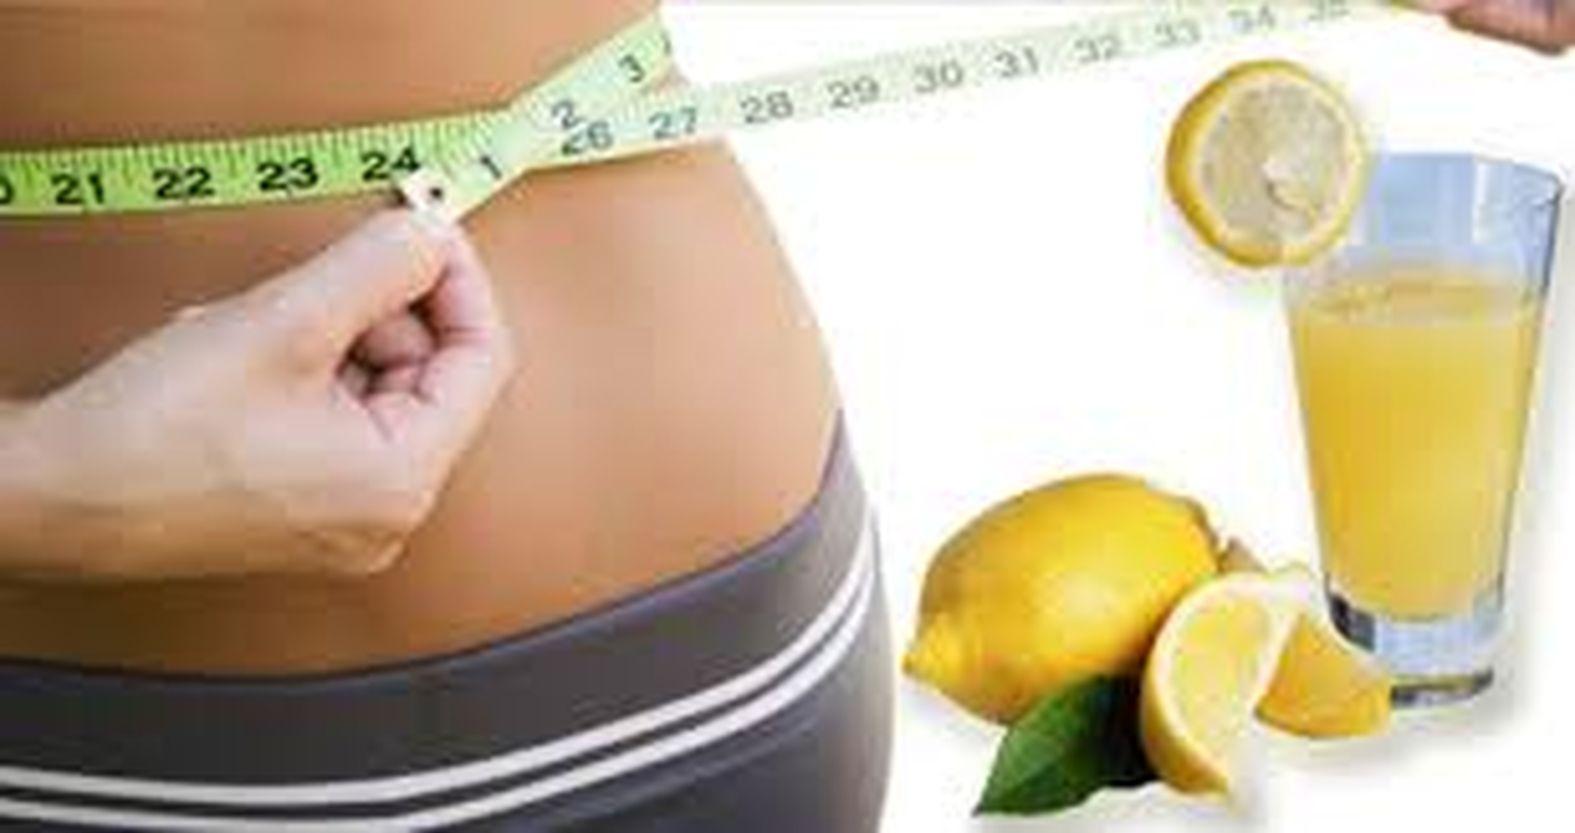 महिलाओं के लिए क्यों है फायदेमंद नींबू: मोटापा कम करने में बनता है मददगार